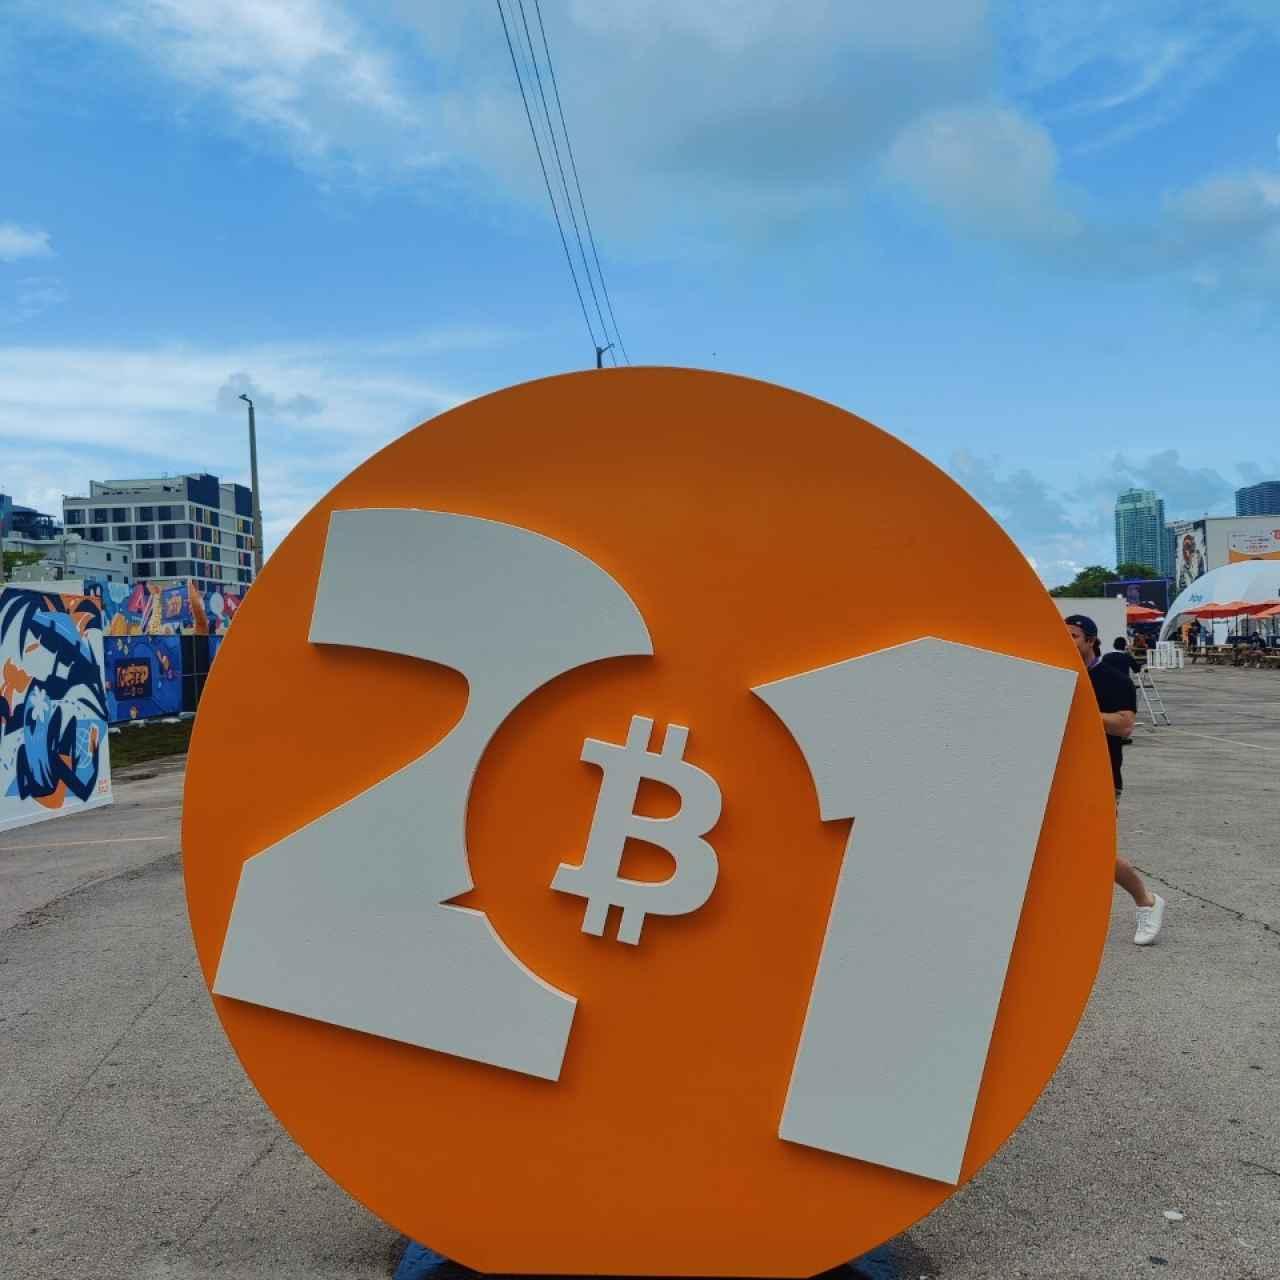 Imagen de los alrededores de la Bitcoin Conference, en Miami. Foto: RJC